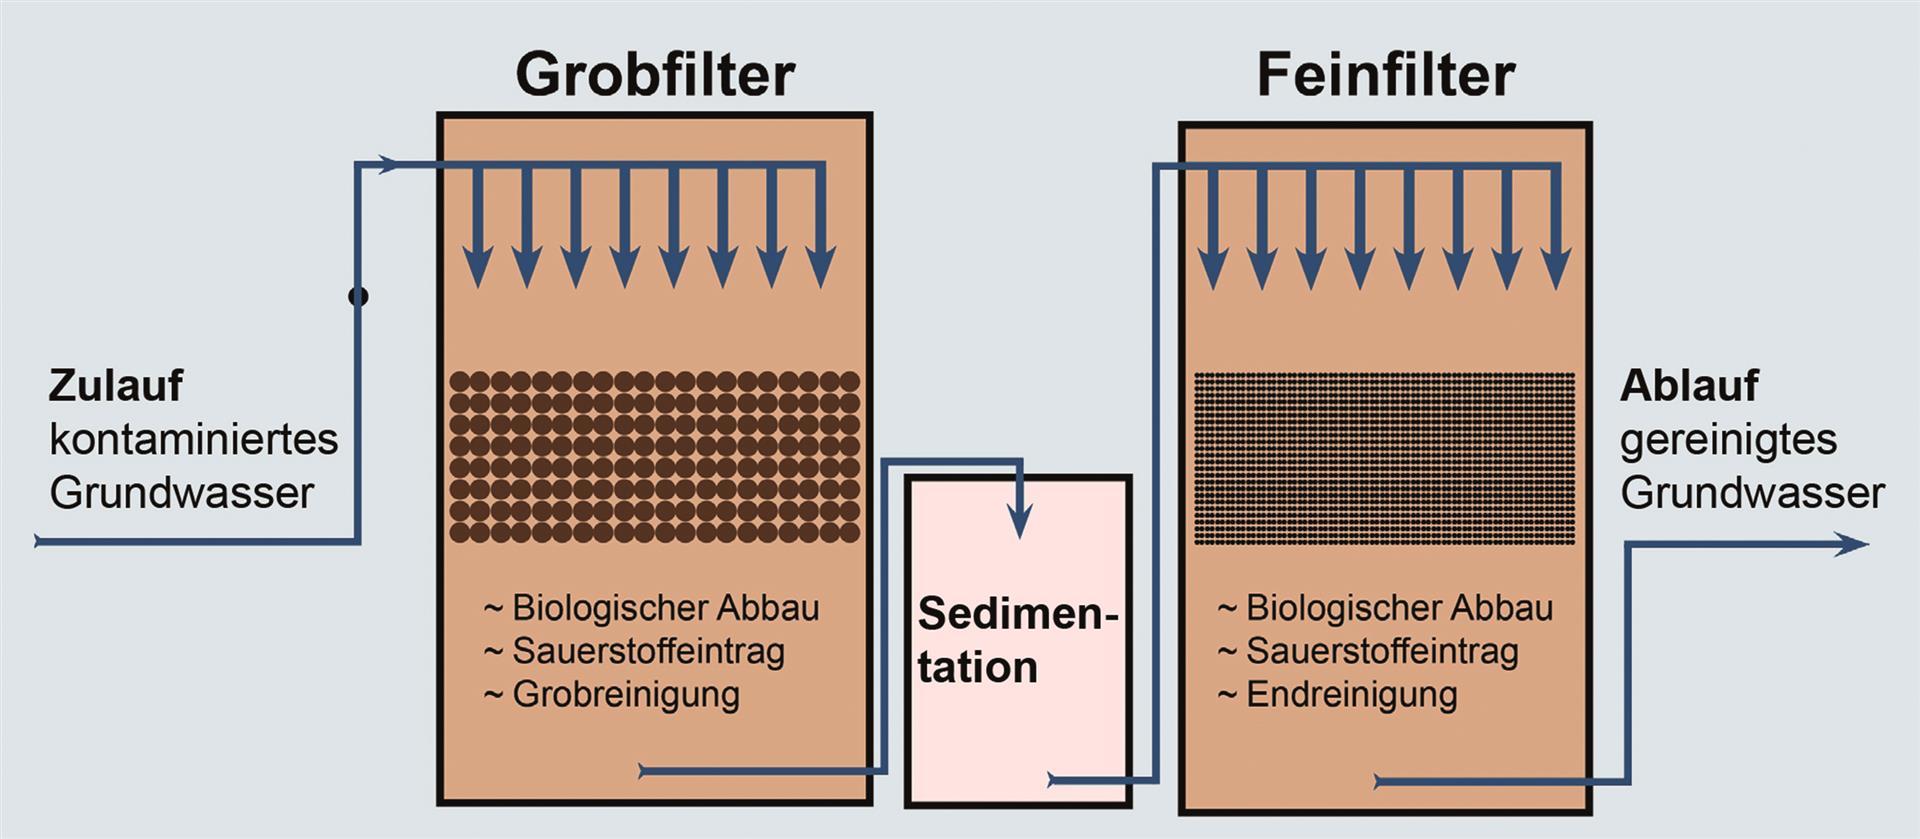 Das Biofiltersystem bietet als naturnahes biologisches Sanierungsverfahren eine effektivere, umweltschonendere und kostengünstigere Alternative zu den klassischen physikalisch-chemischen Behandlungstechnologien kontaminierter Grundwässer. Bild: © BAUER Gruppe